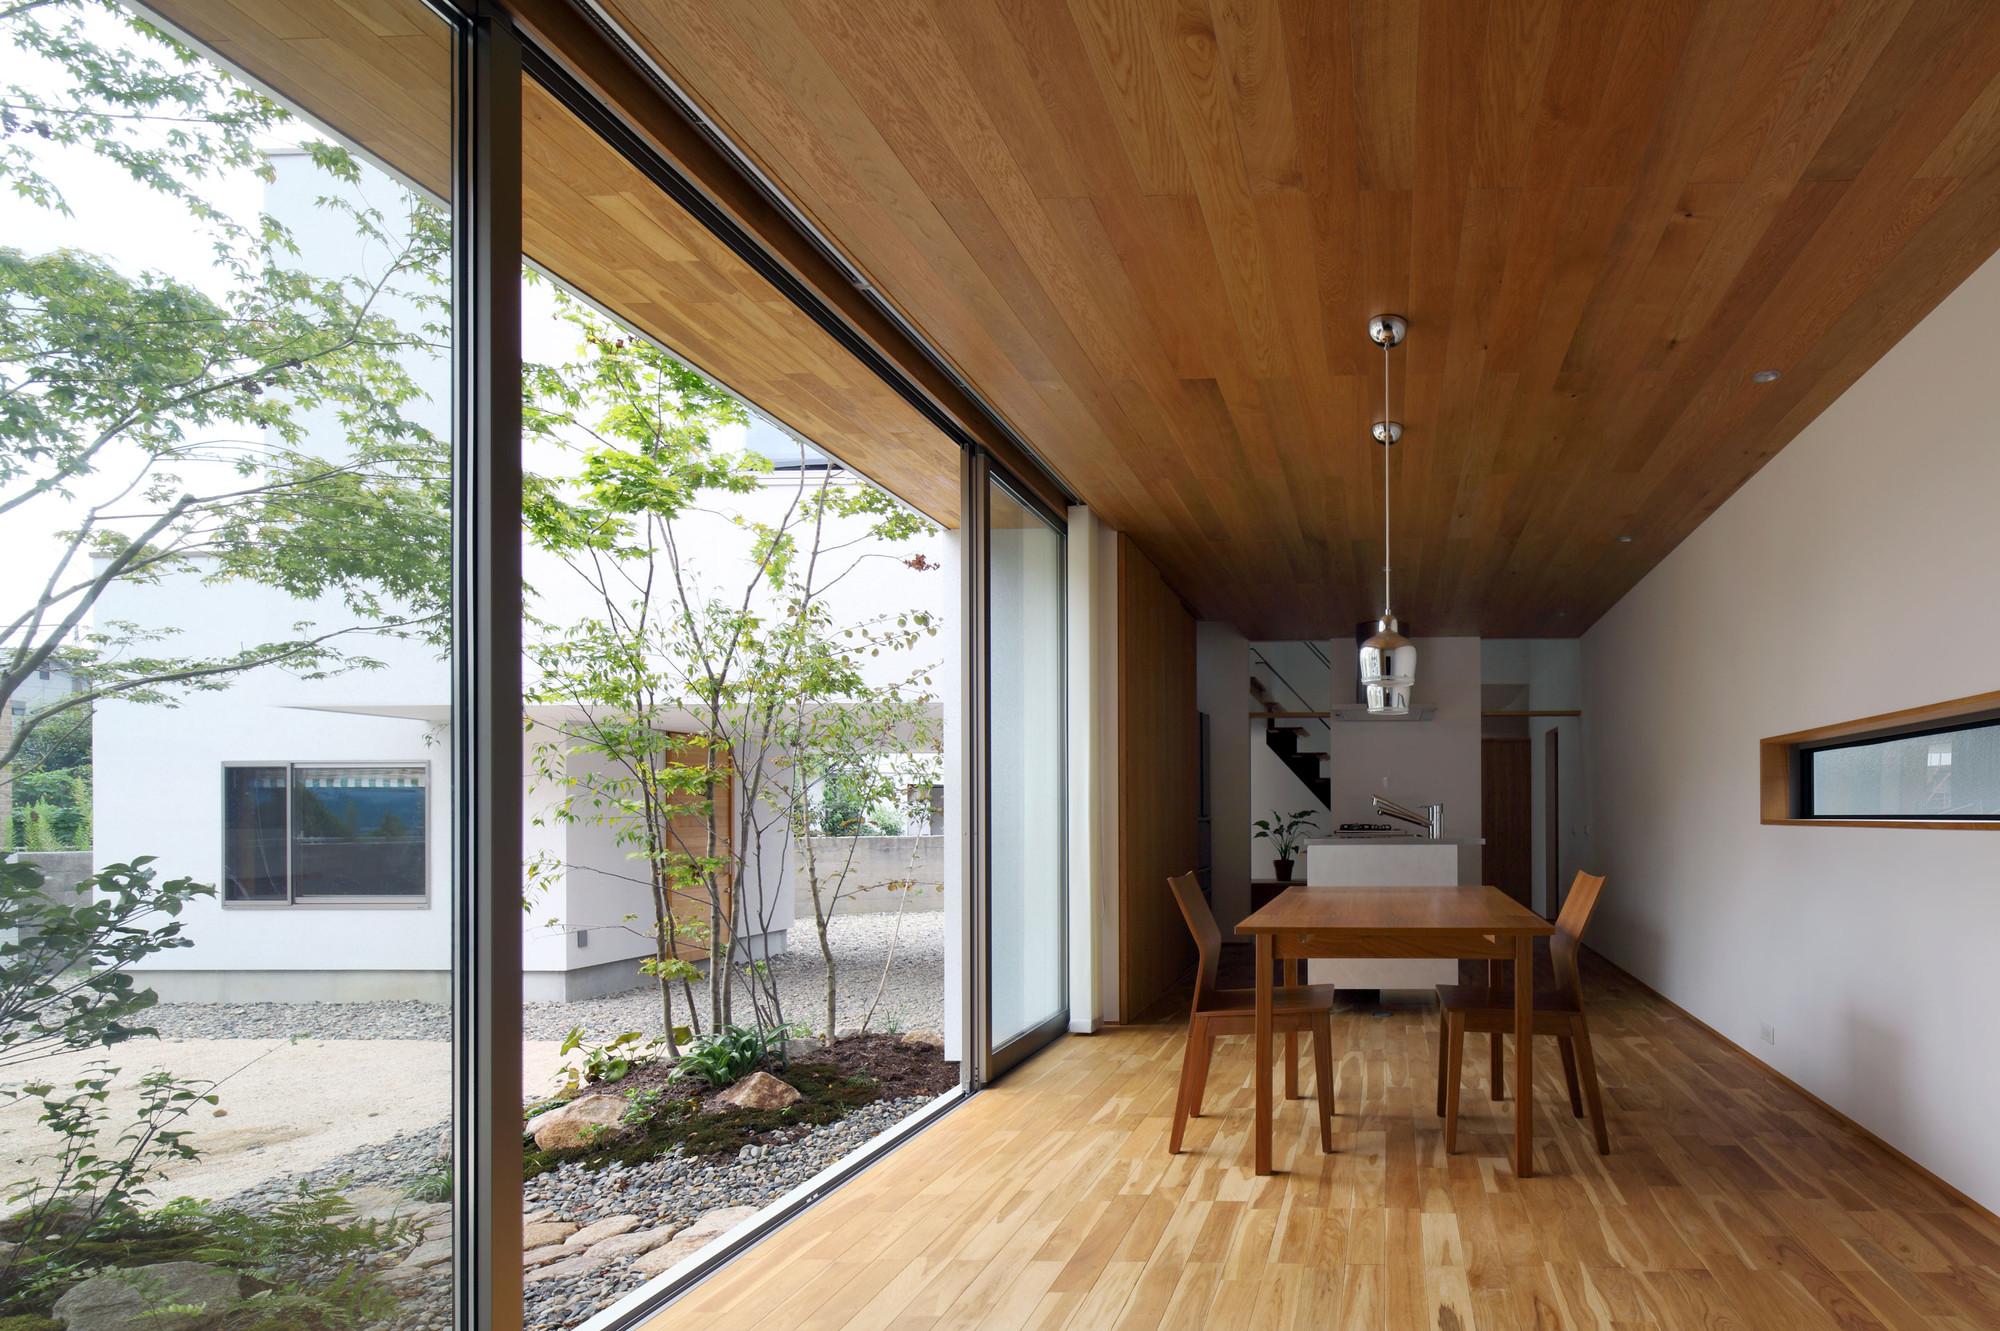 Bridged Living Space / TT Architects, © Kei Sugino